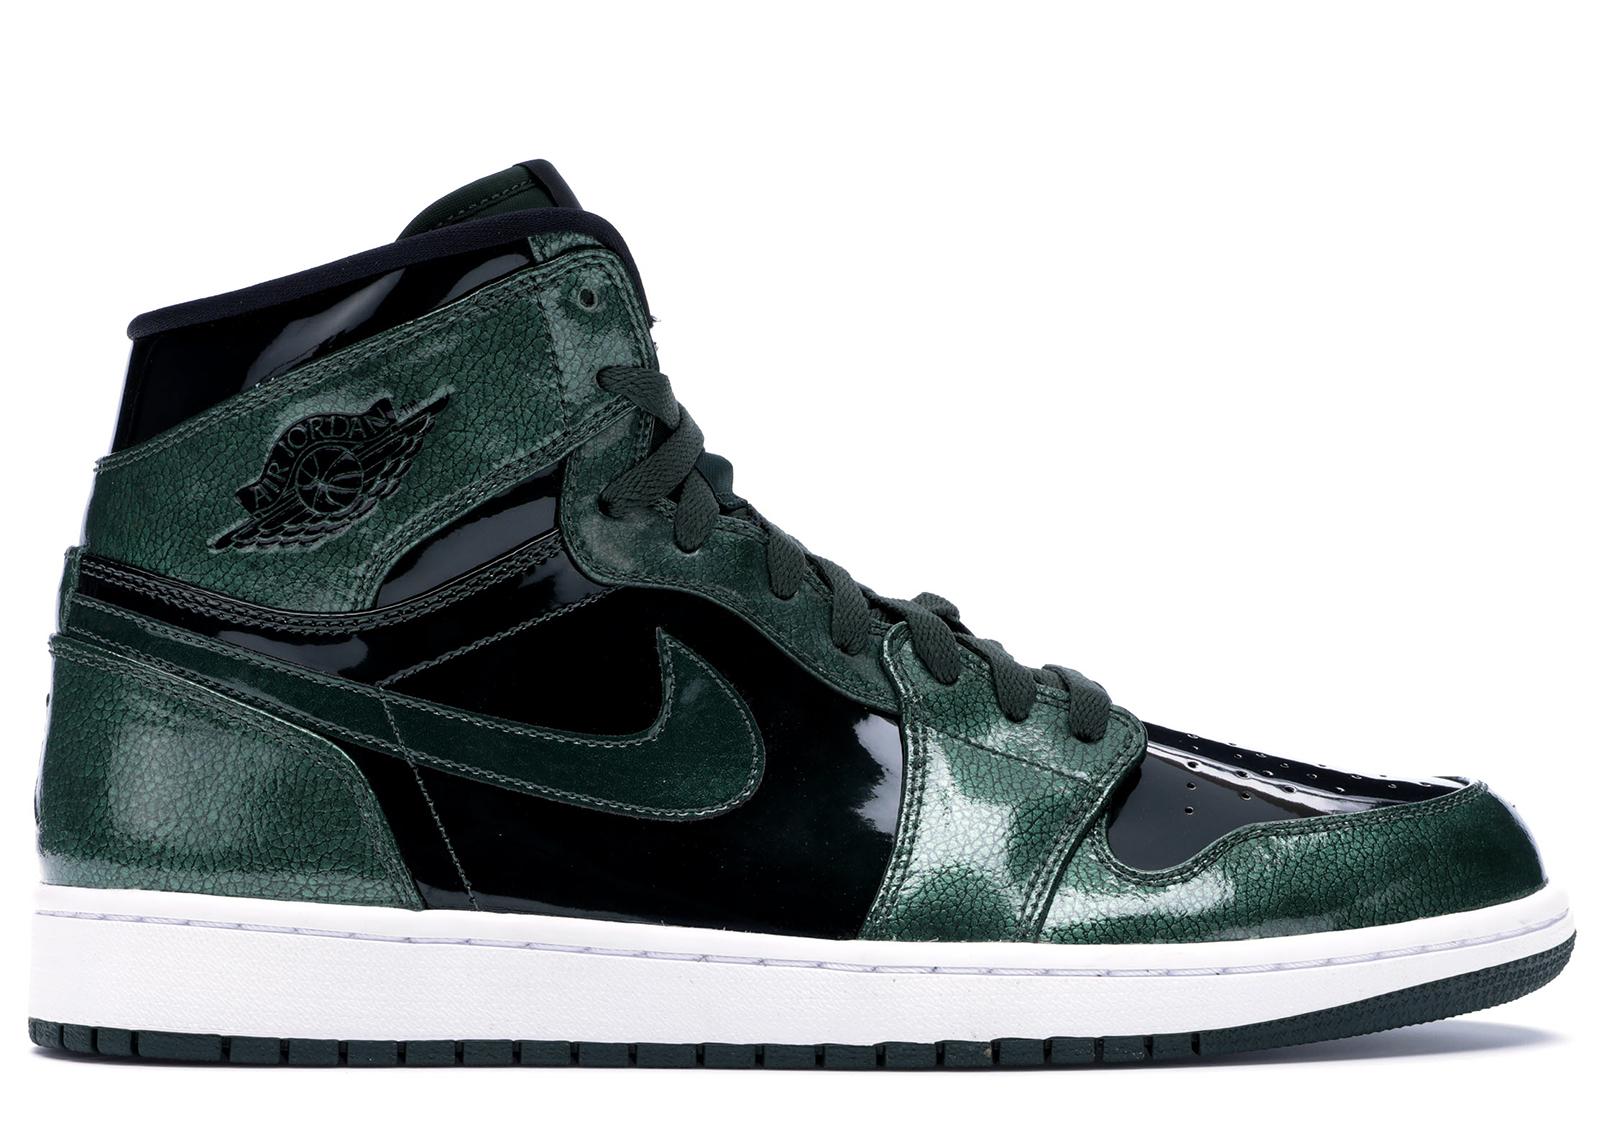 Air Jordan 1 Grove Green 332550 300 | Men's Sneakers | Air